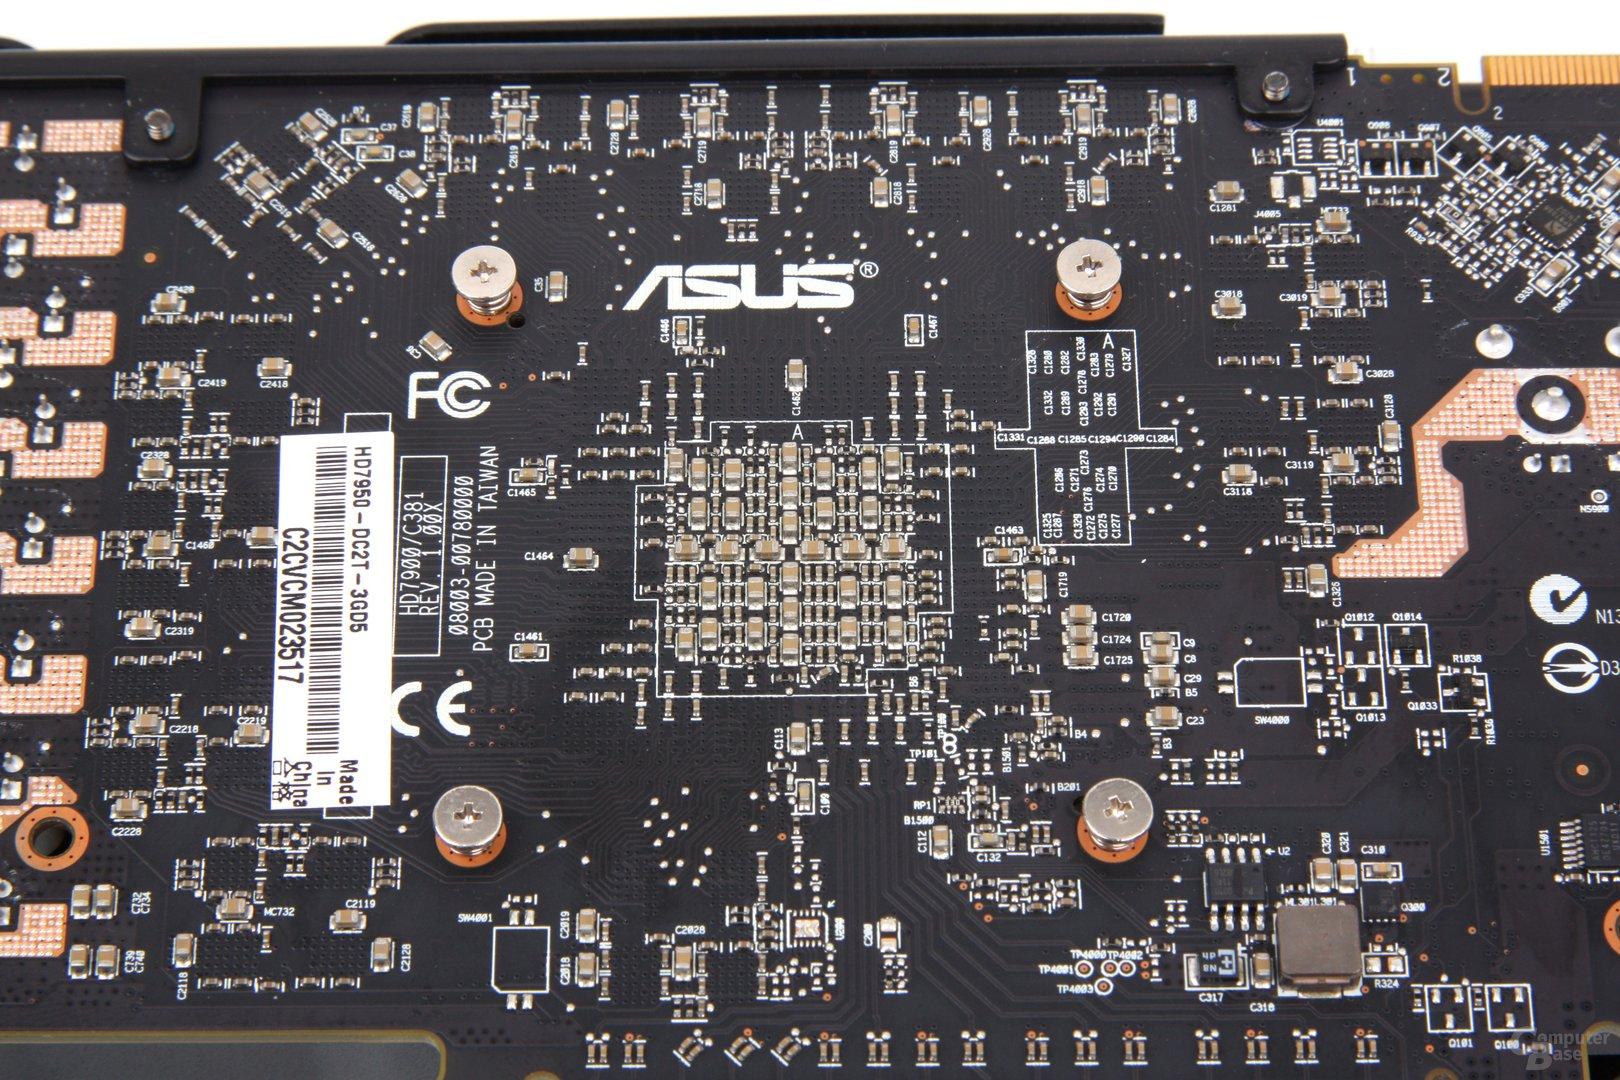 Radeon HD 7950 DCII Chiprückseite